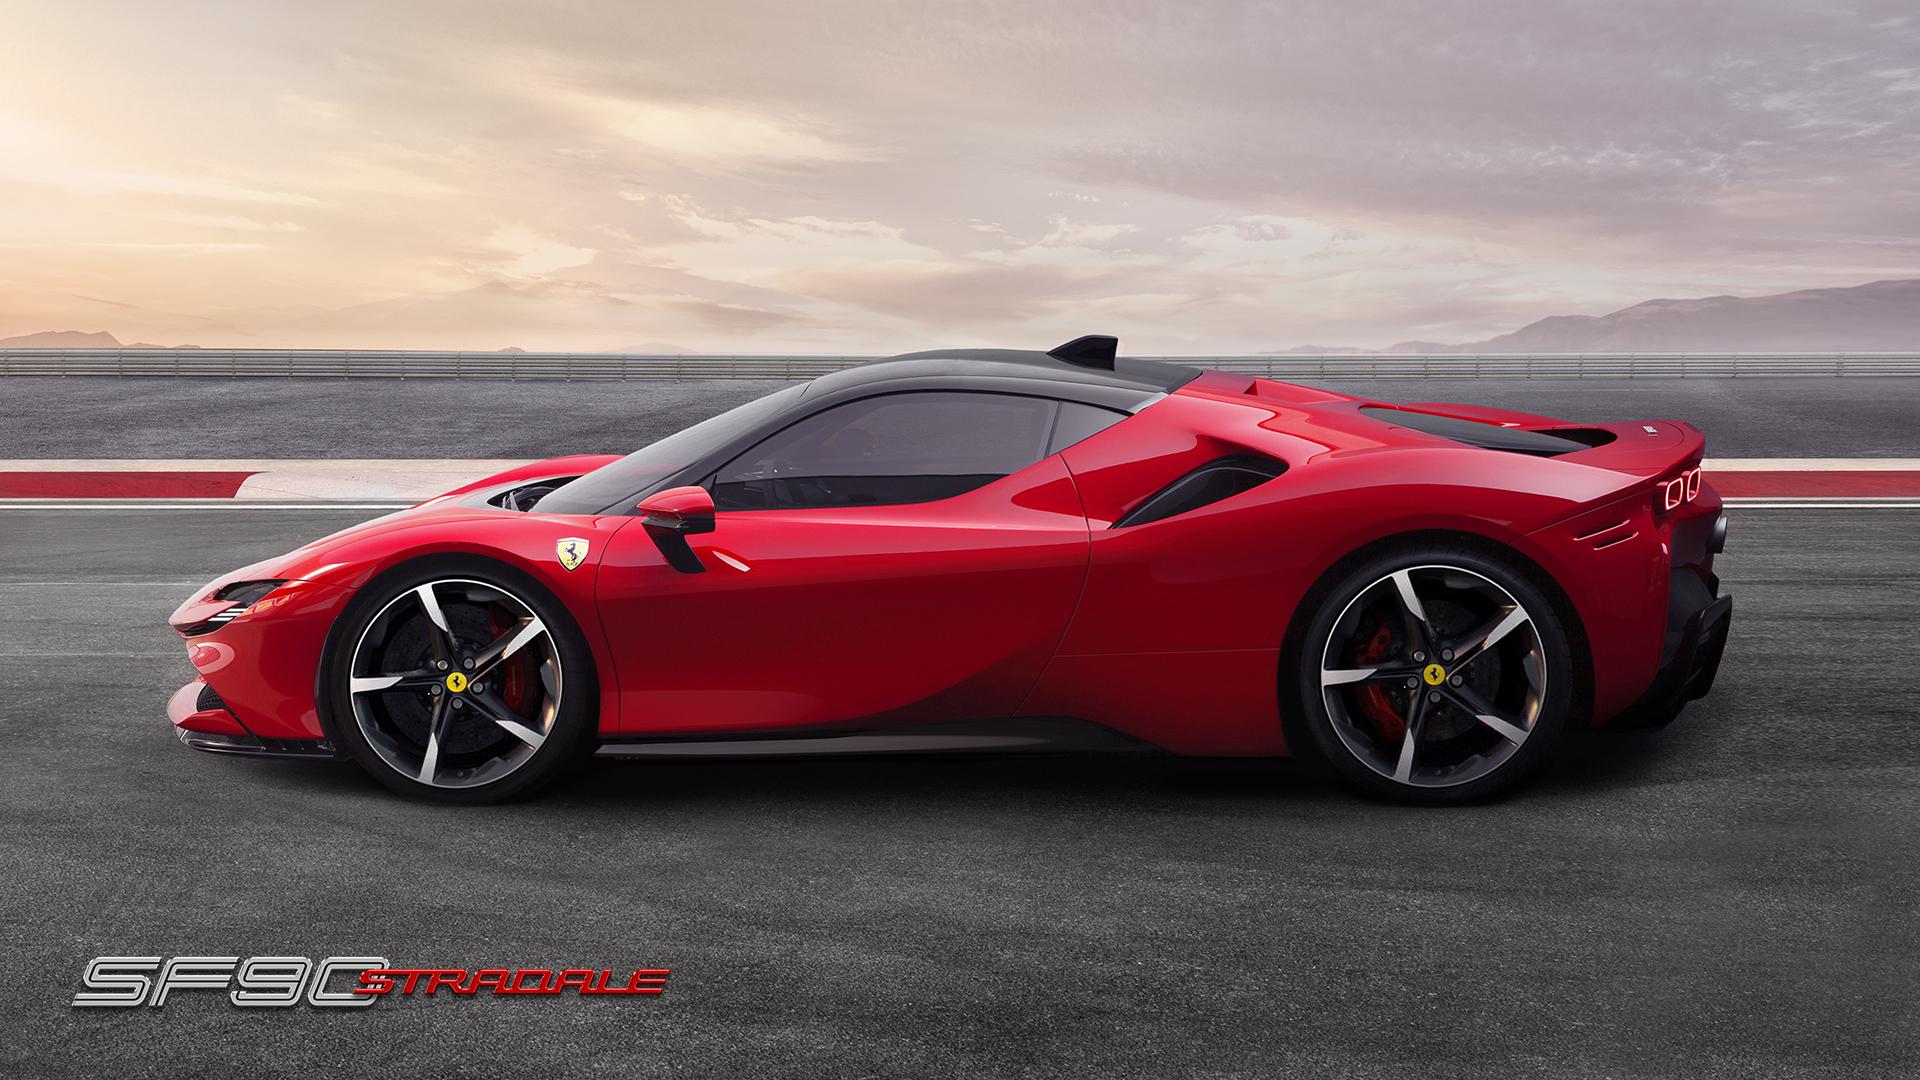 Ferrari SF90 Stradale profile